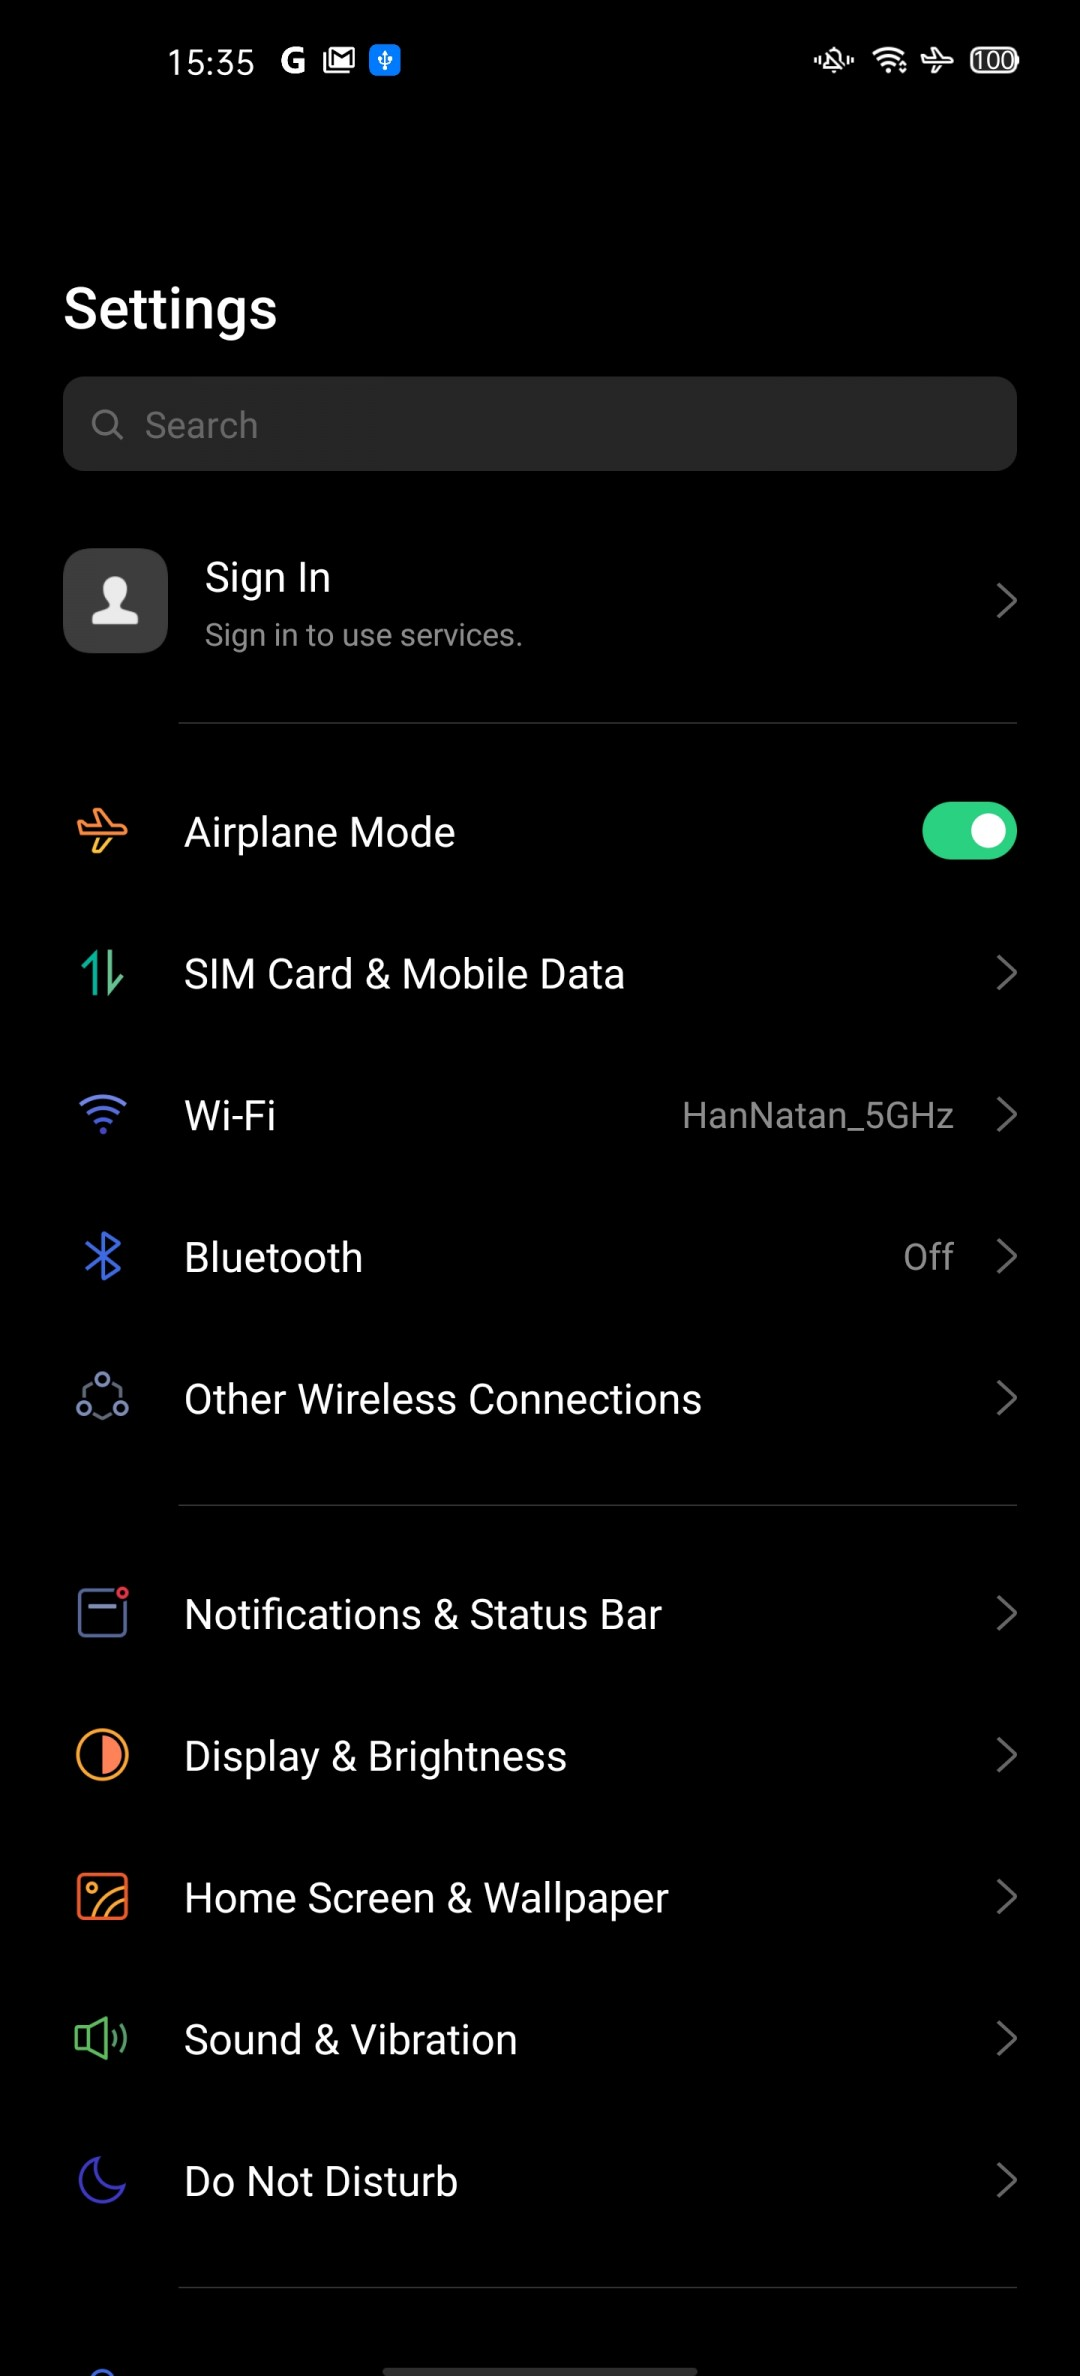 روکیدا - بررسی و نقد جامع گوشی Oppo Find X2 Pro به همراه مقایسه دوربین و نمونه تصاویر - اوپو, قیمت گوشی Oppo Find X2 Pro, مشخصات گوشی Oppo Find X2 Pro, نقد و بررسی گوشی موبایل, گوشی Oppo Find X2 Pro, گوشی های هوشمند, گوشی هوشمند